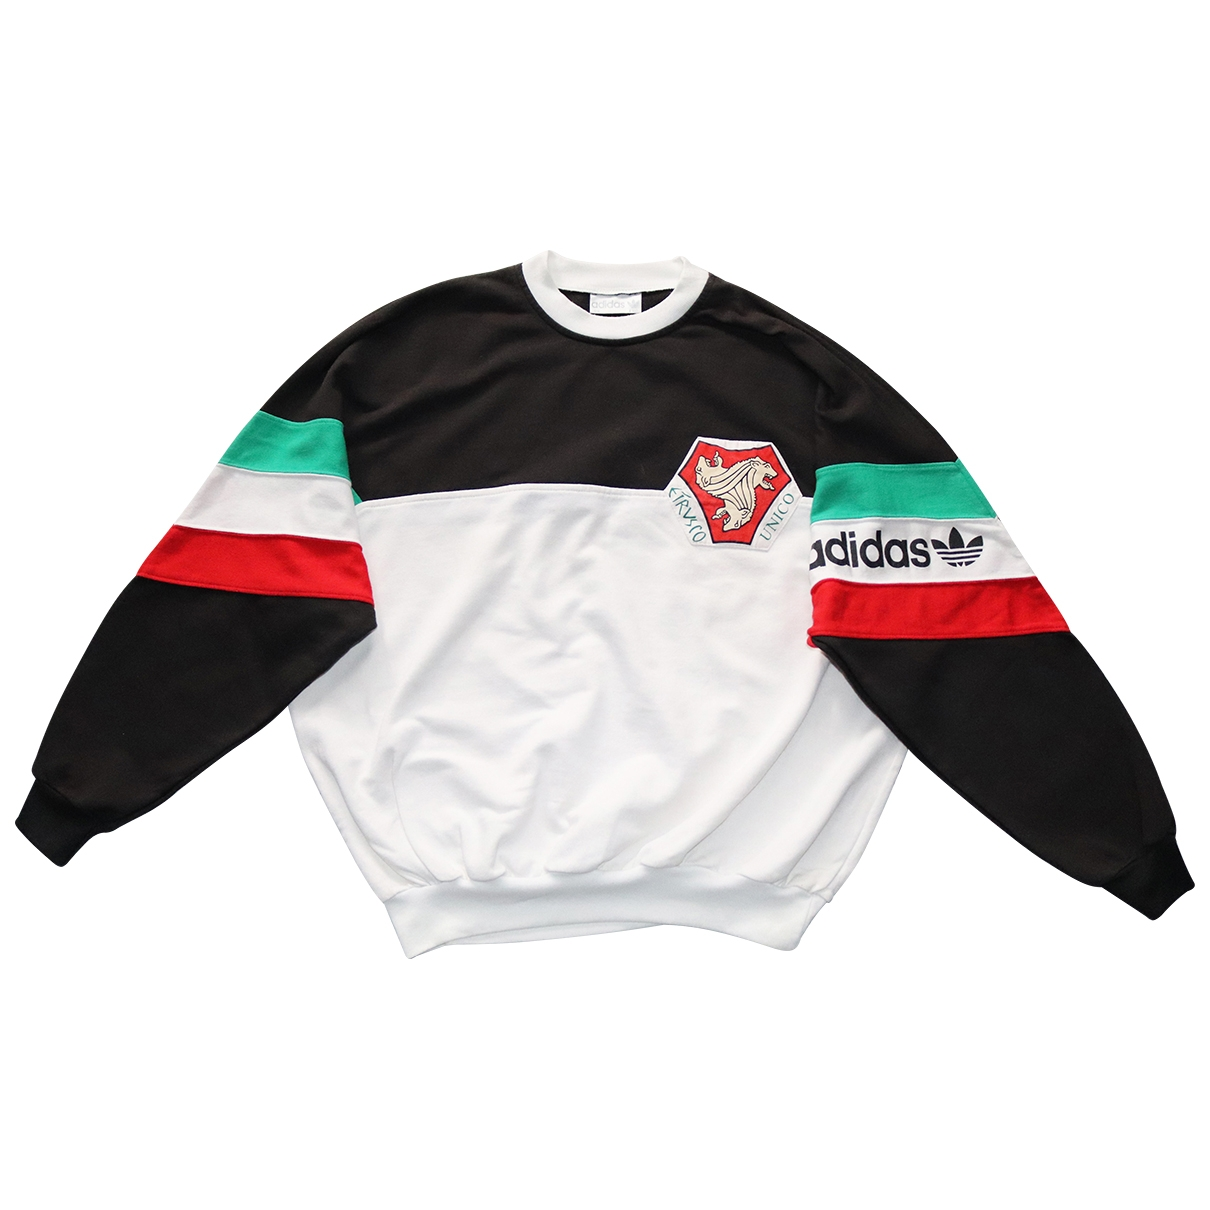 Adidas \N Multicolour Cotton Knitwear & Sweatshirts for Men XL International